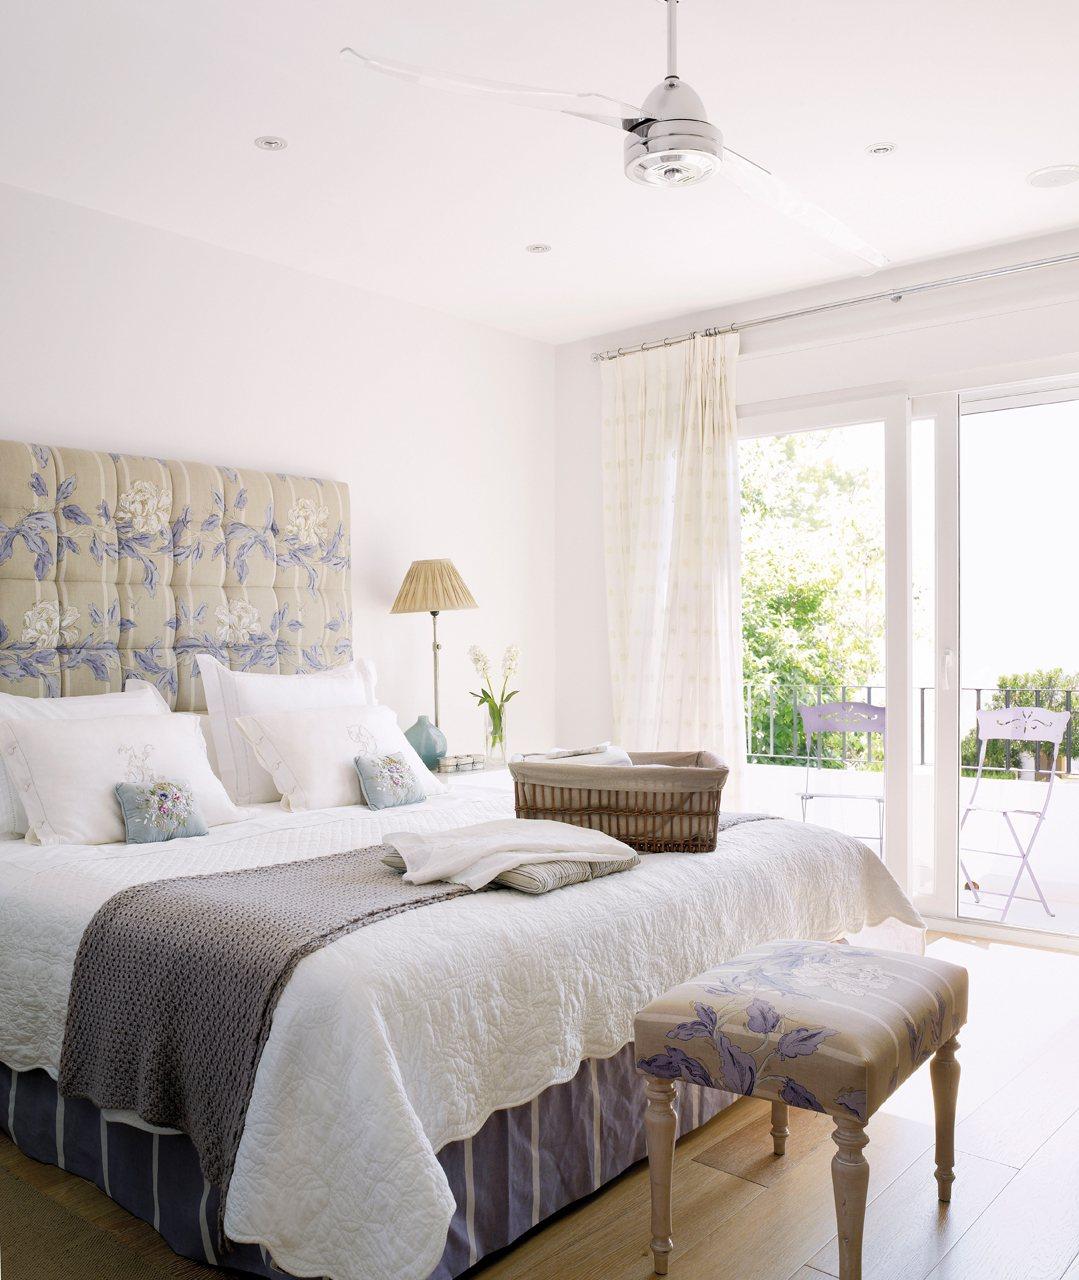 Estrena dormitorio renovando las telas - Cuadros para dormitorios leroy merlin ...